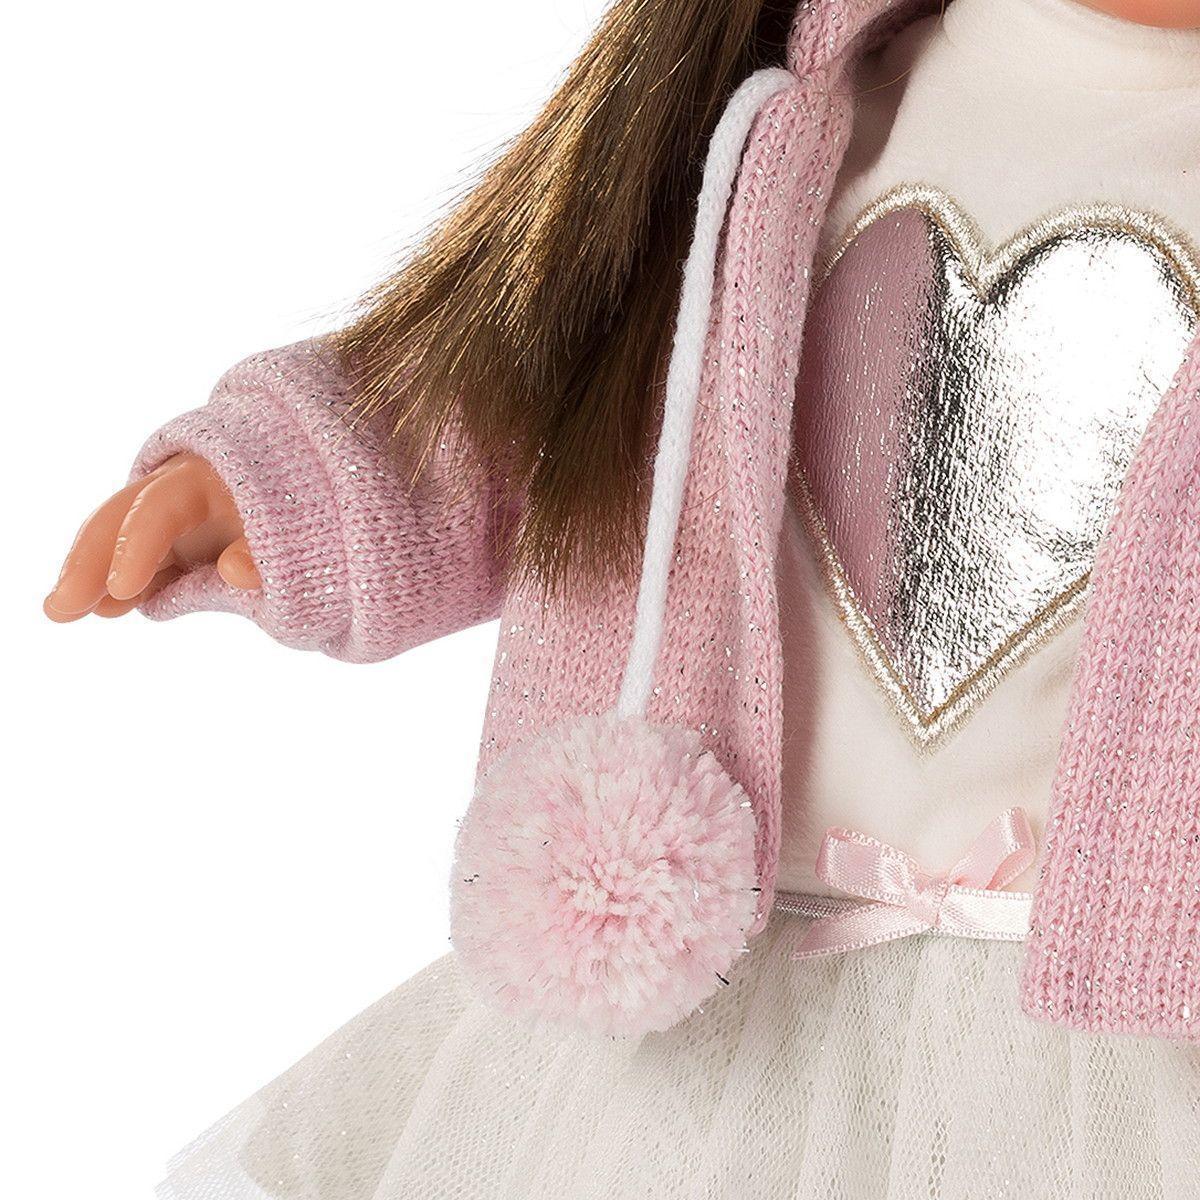 Кукла Llorens Сара шатенка в розовом жакете и белой кружевной юбке - фото 4